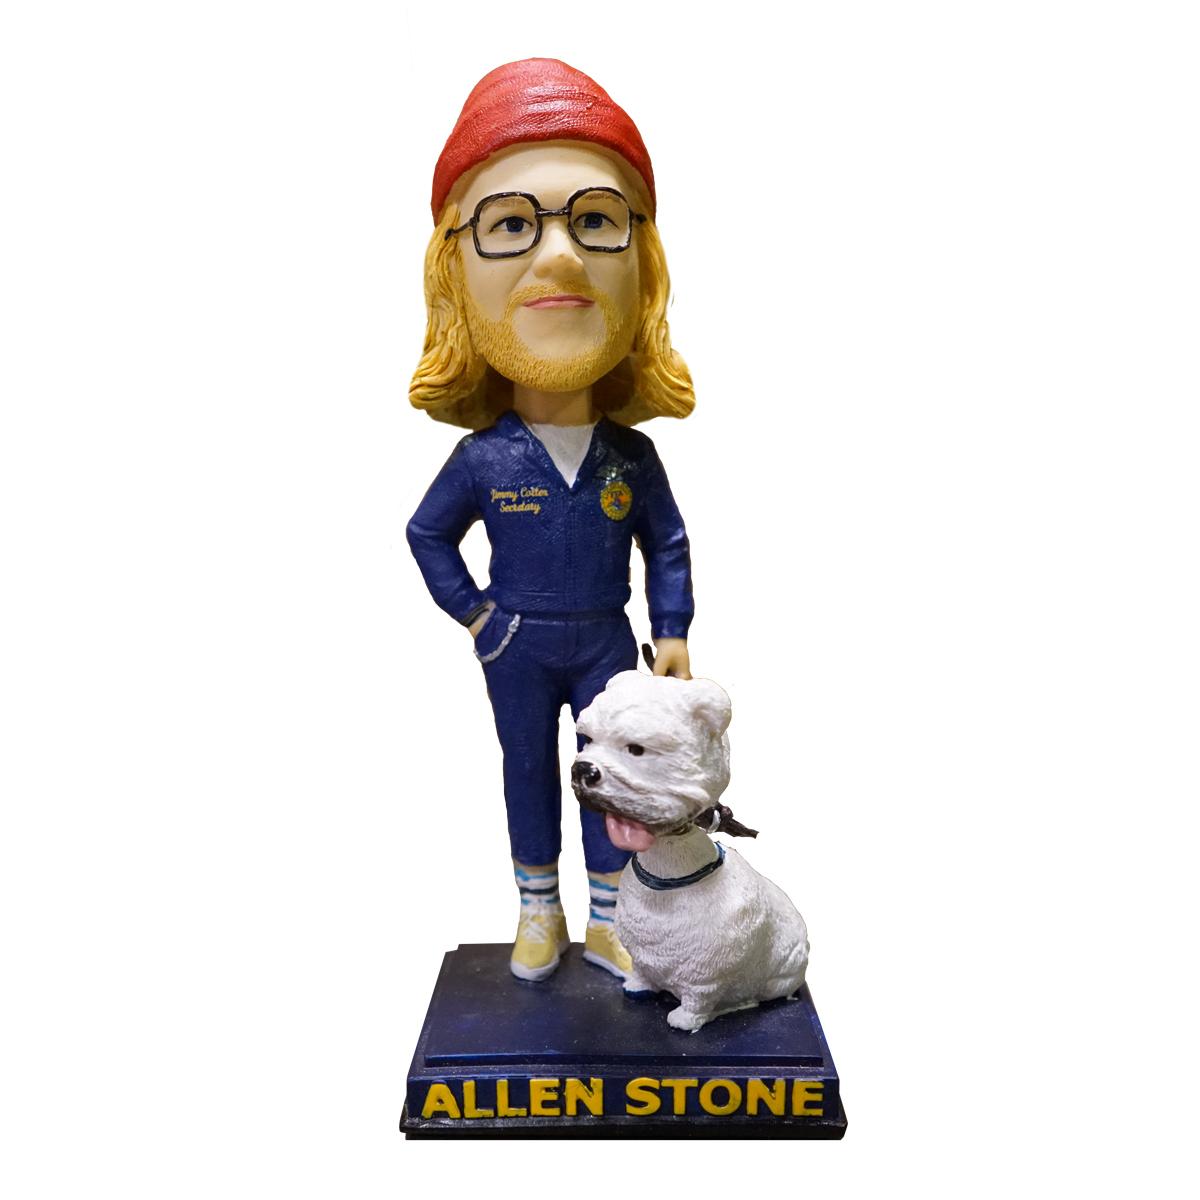 Allen Stone Bobble Head